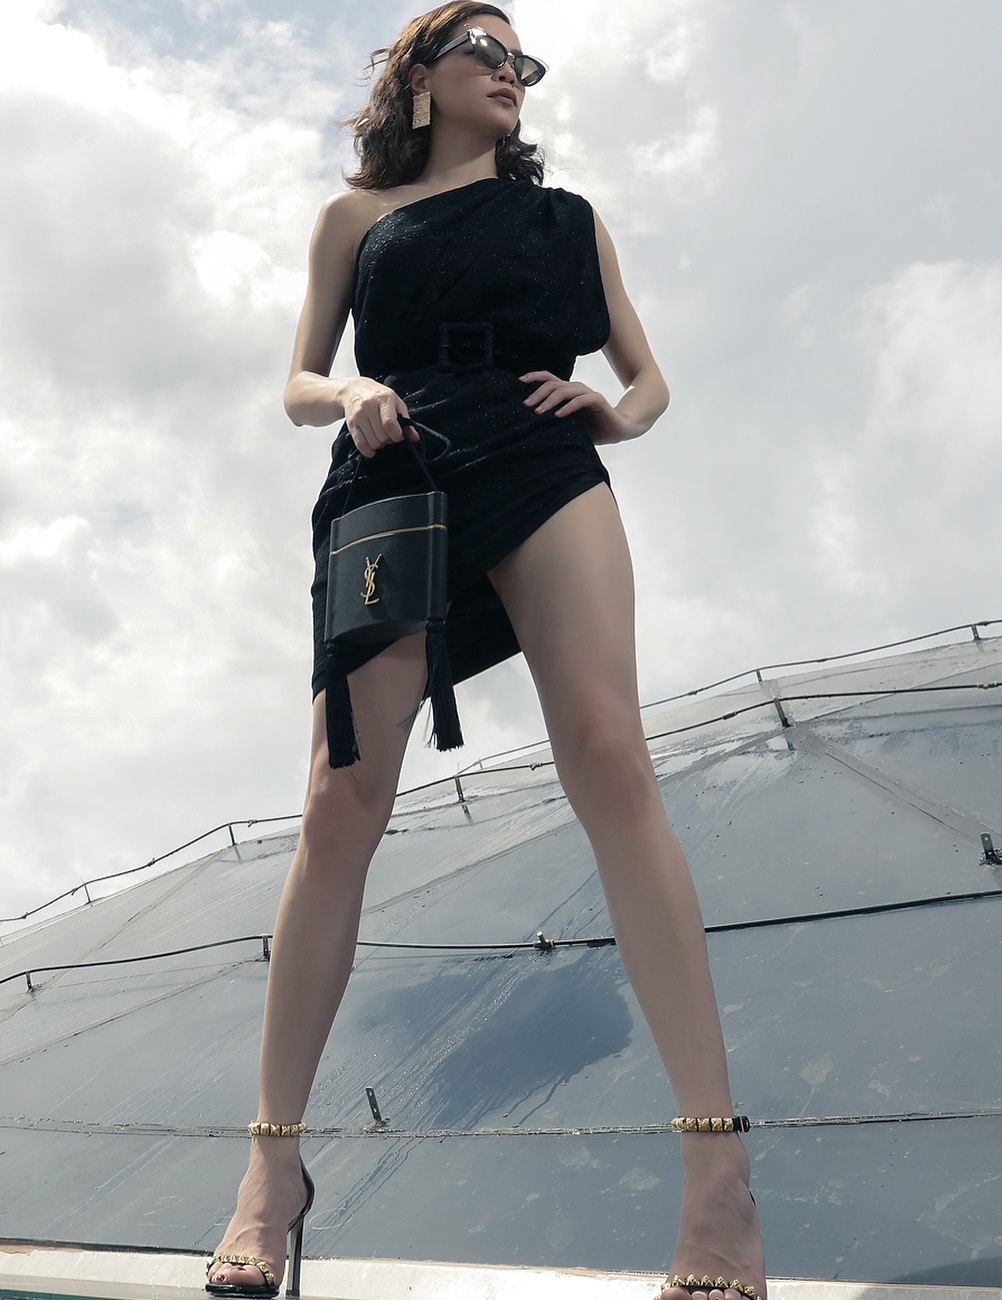 Style biến hóa khôn lường nhưng Hà Hồ bao năm cứ trung thành với một kiểu giày cao gót kéo chân vi diệu - Ảnh 8.